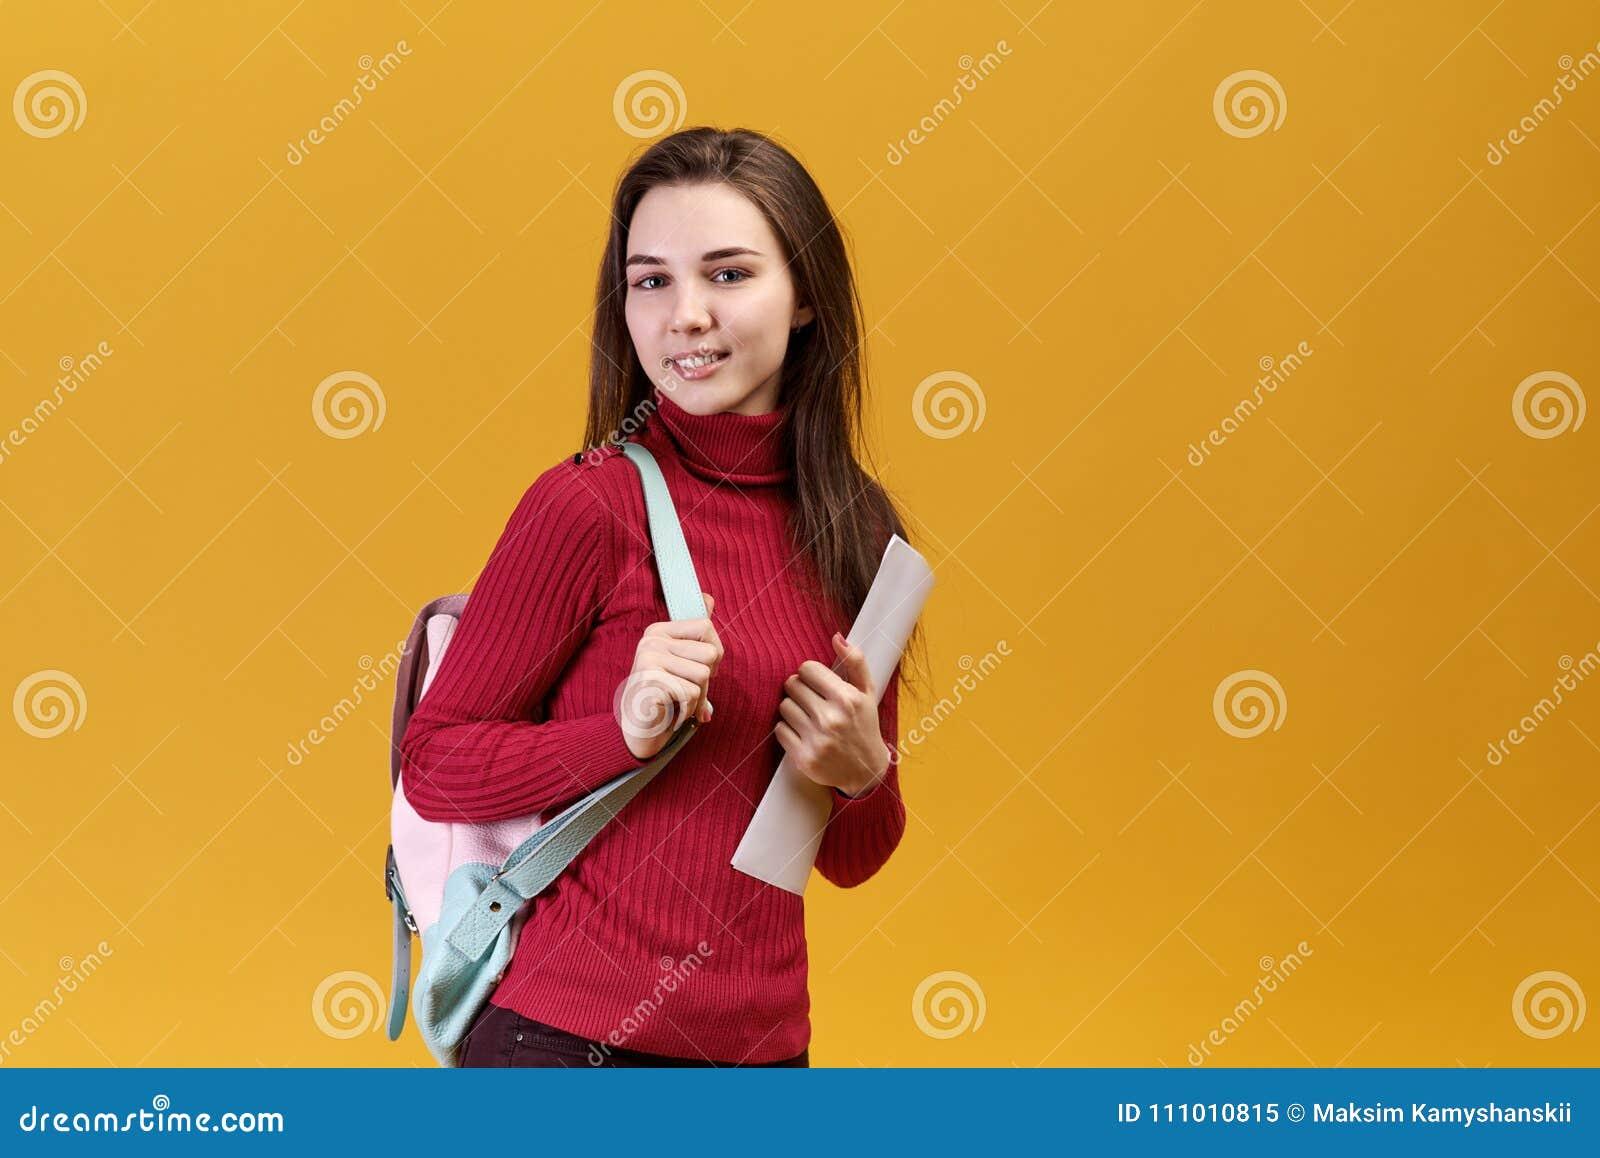 En snygg kvinna har ett glat uttryck, ser högra glänsande gråa ögon på dig och att bära en röd tröja